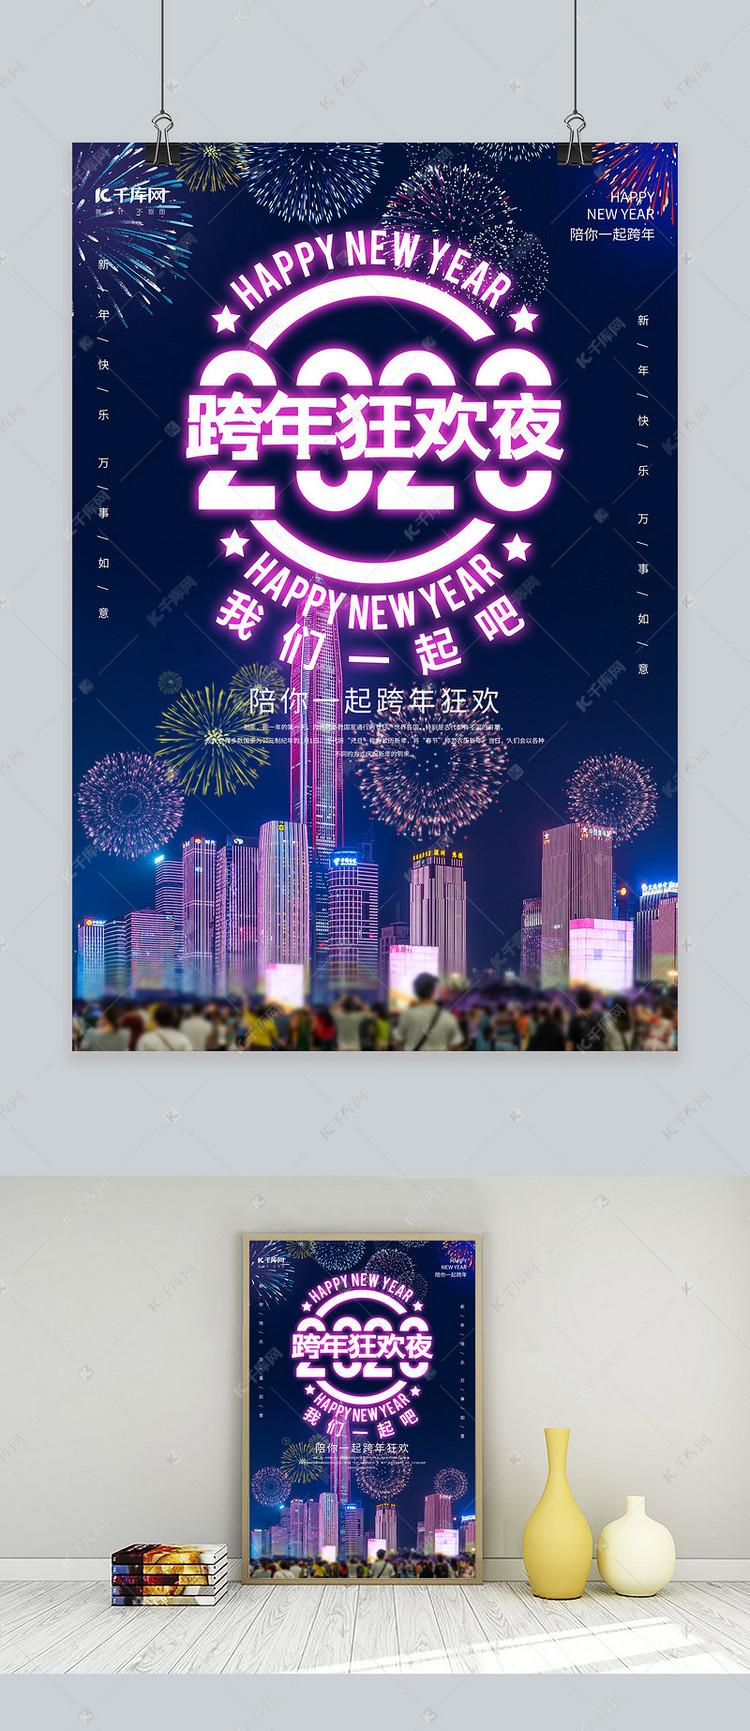 创意炫酷2020跨年狂欢夜海报图片